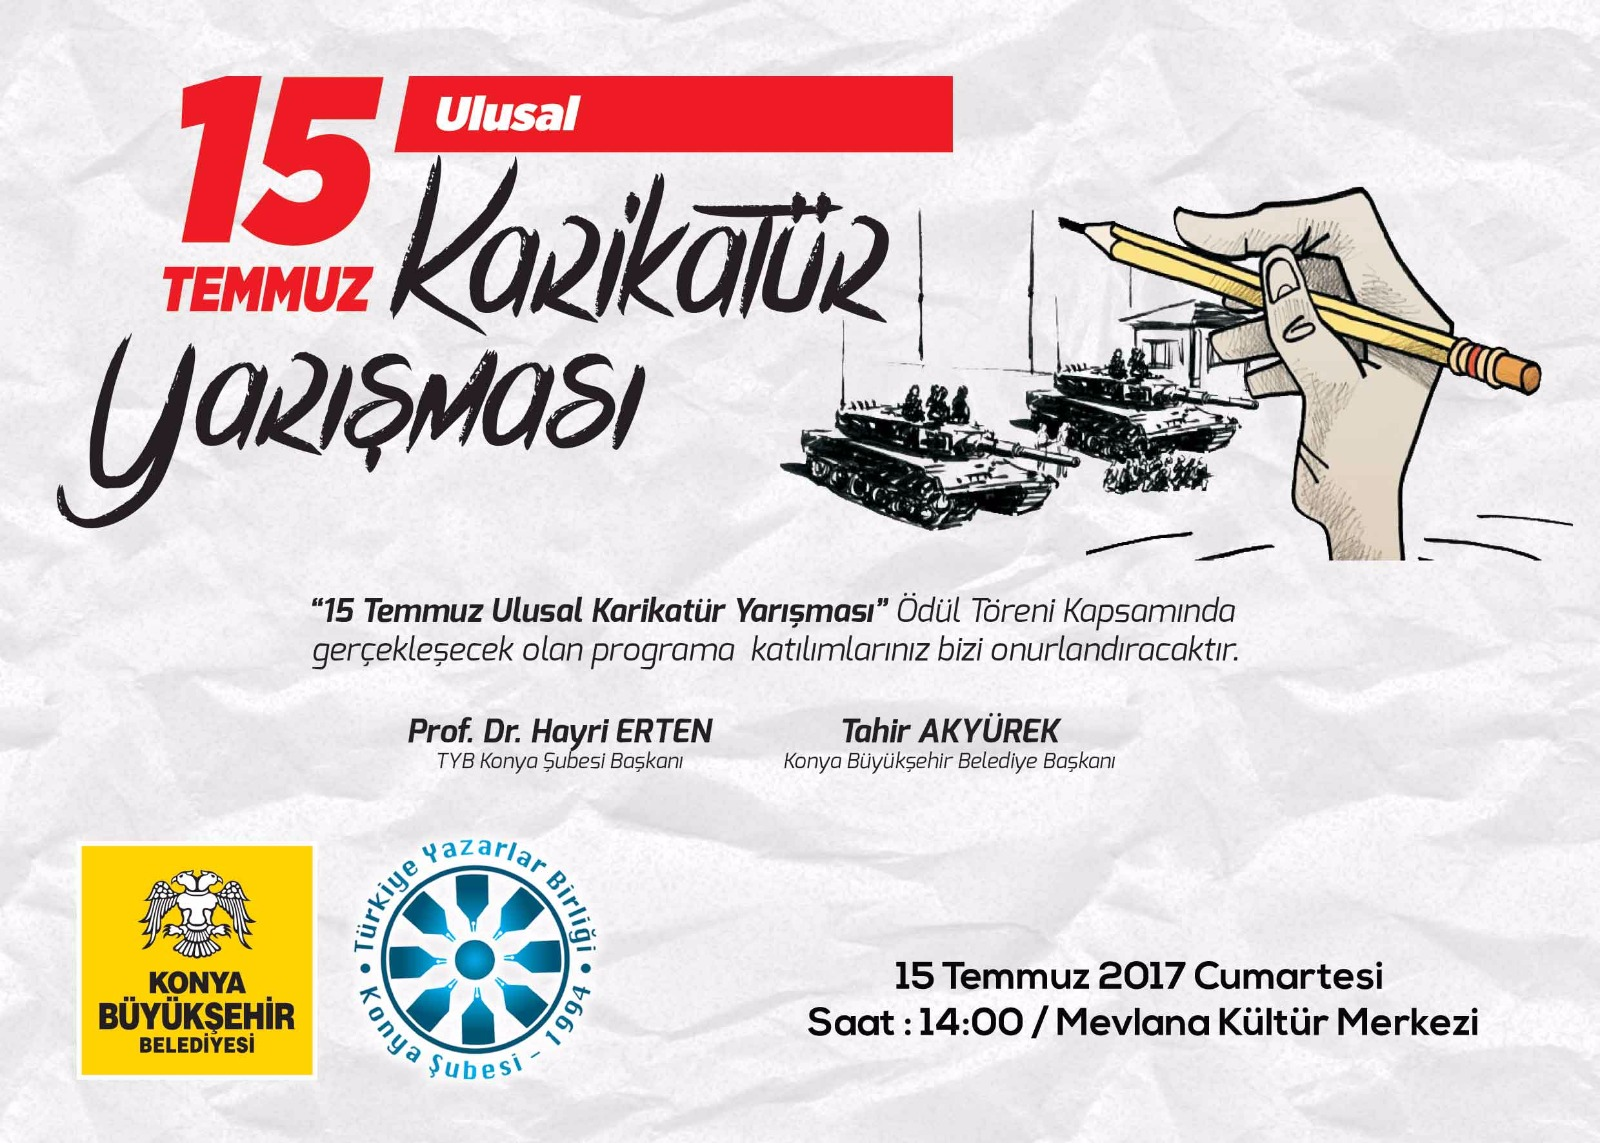 ''15 Temmuz Ulusal Karikatür Yarışması''